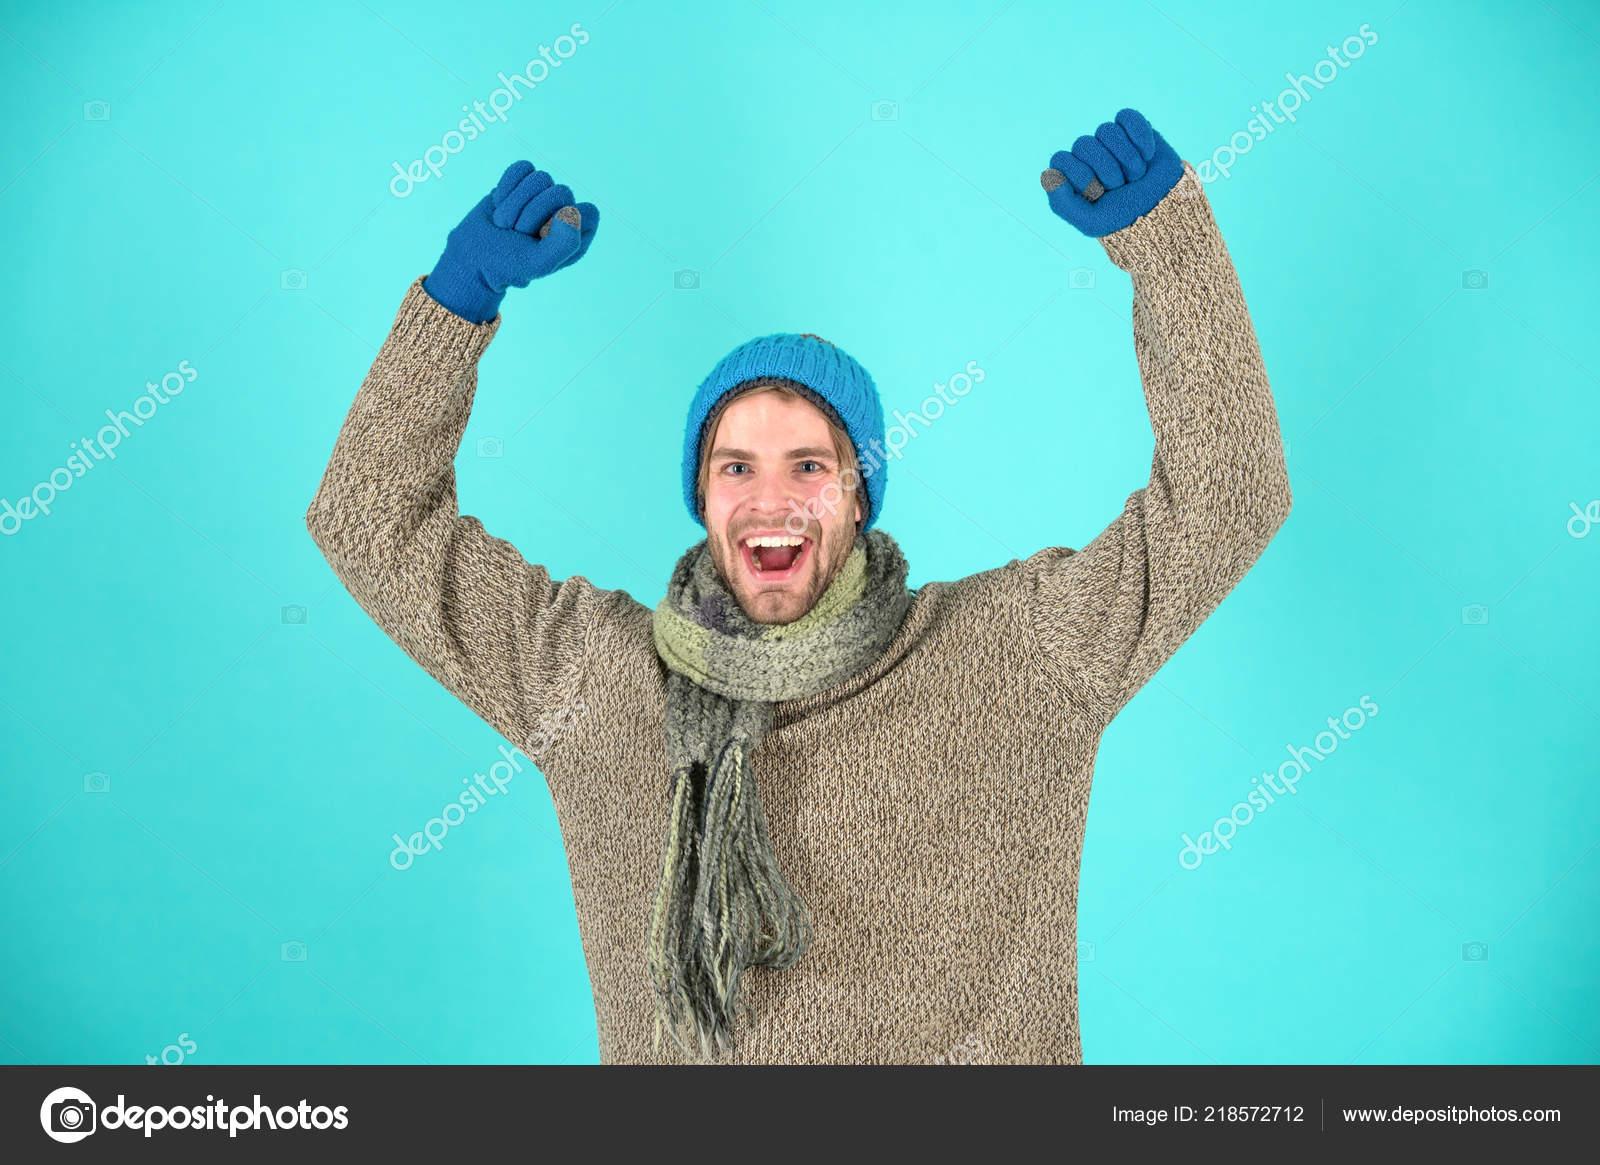 Φθορά άνθρωπος πλεκτά ρούχα φόντο τιρκουάζ. Χειμερινά Αξεσουάρ έννοια.  Χειμερινή μόδα e6b62a63f91